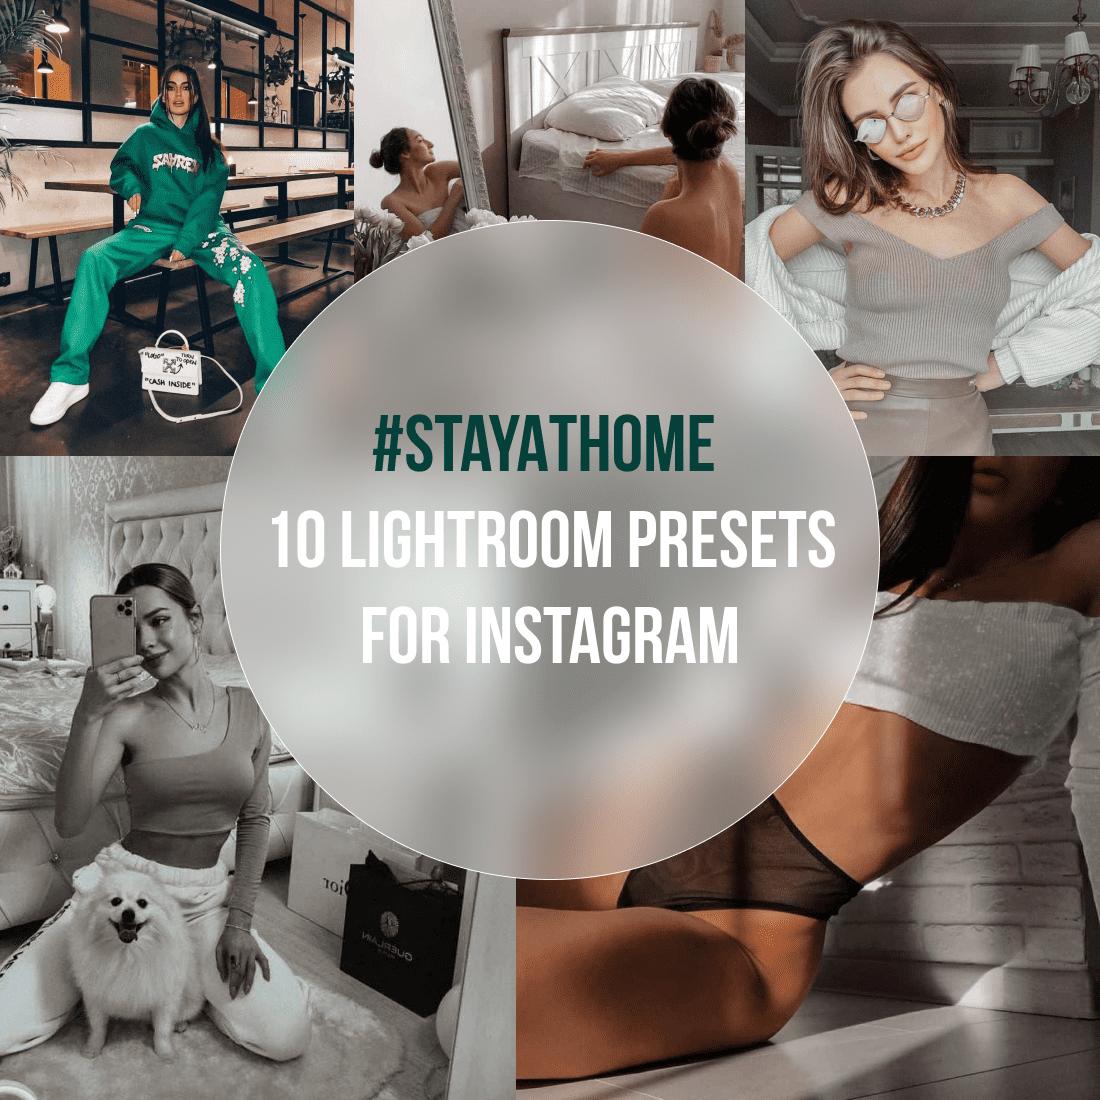 #StayAtHome 10 Lightroom Presets for Instagram.